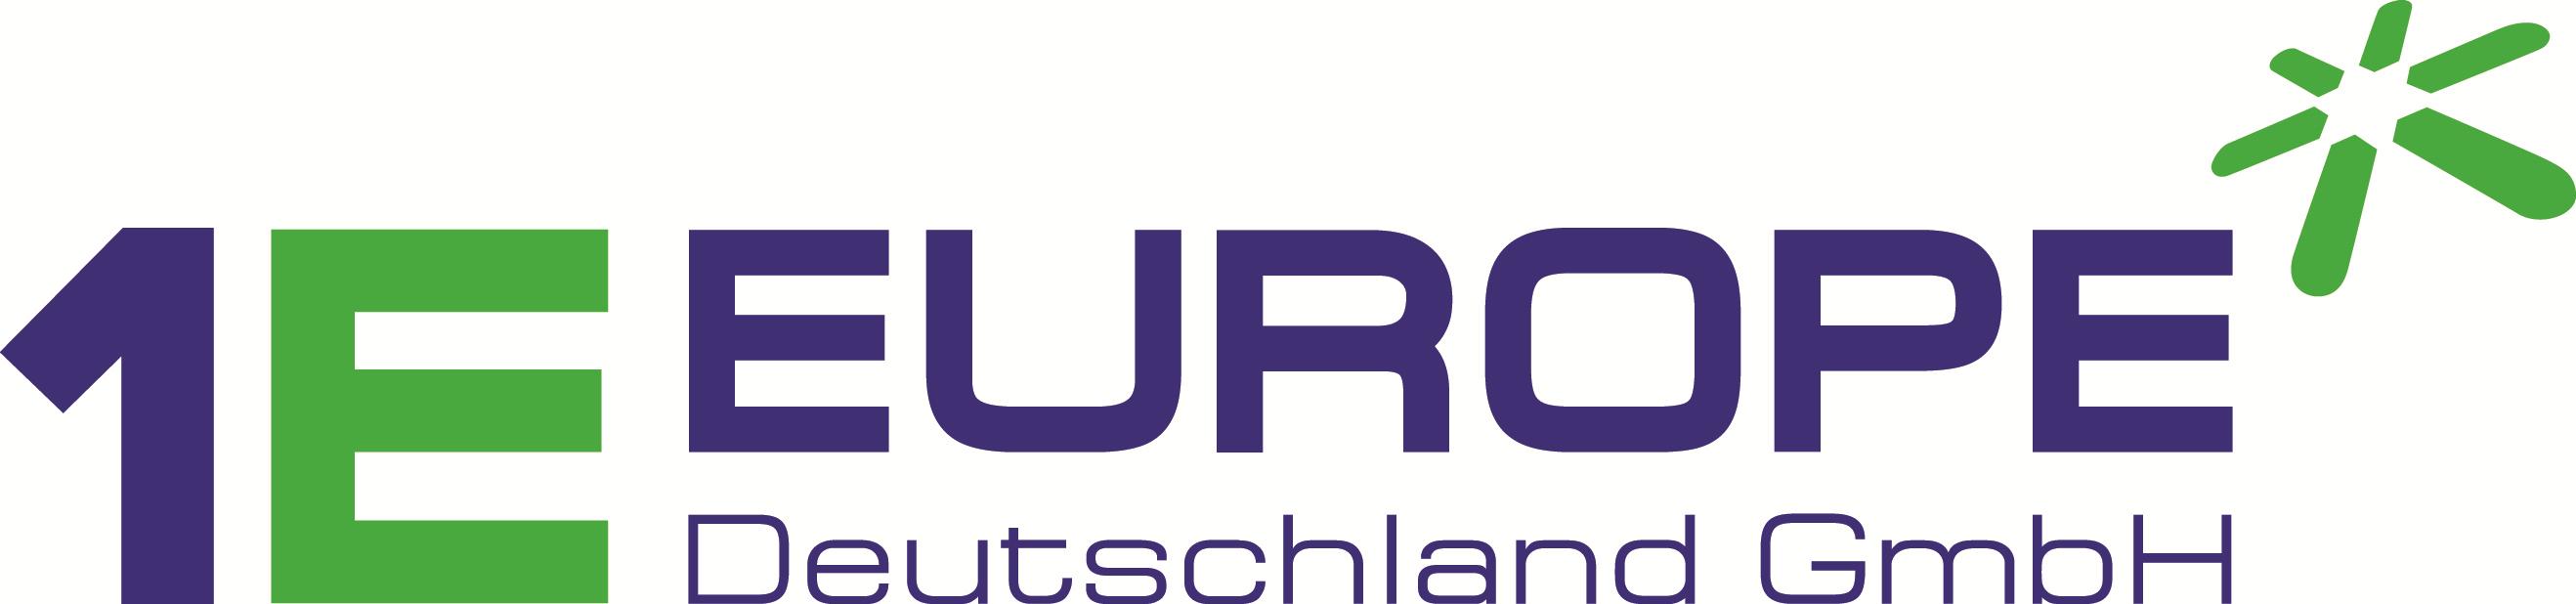 1eEurope Deutschland GmbH